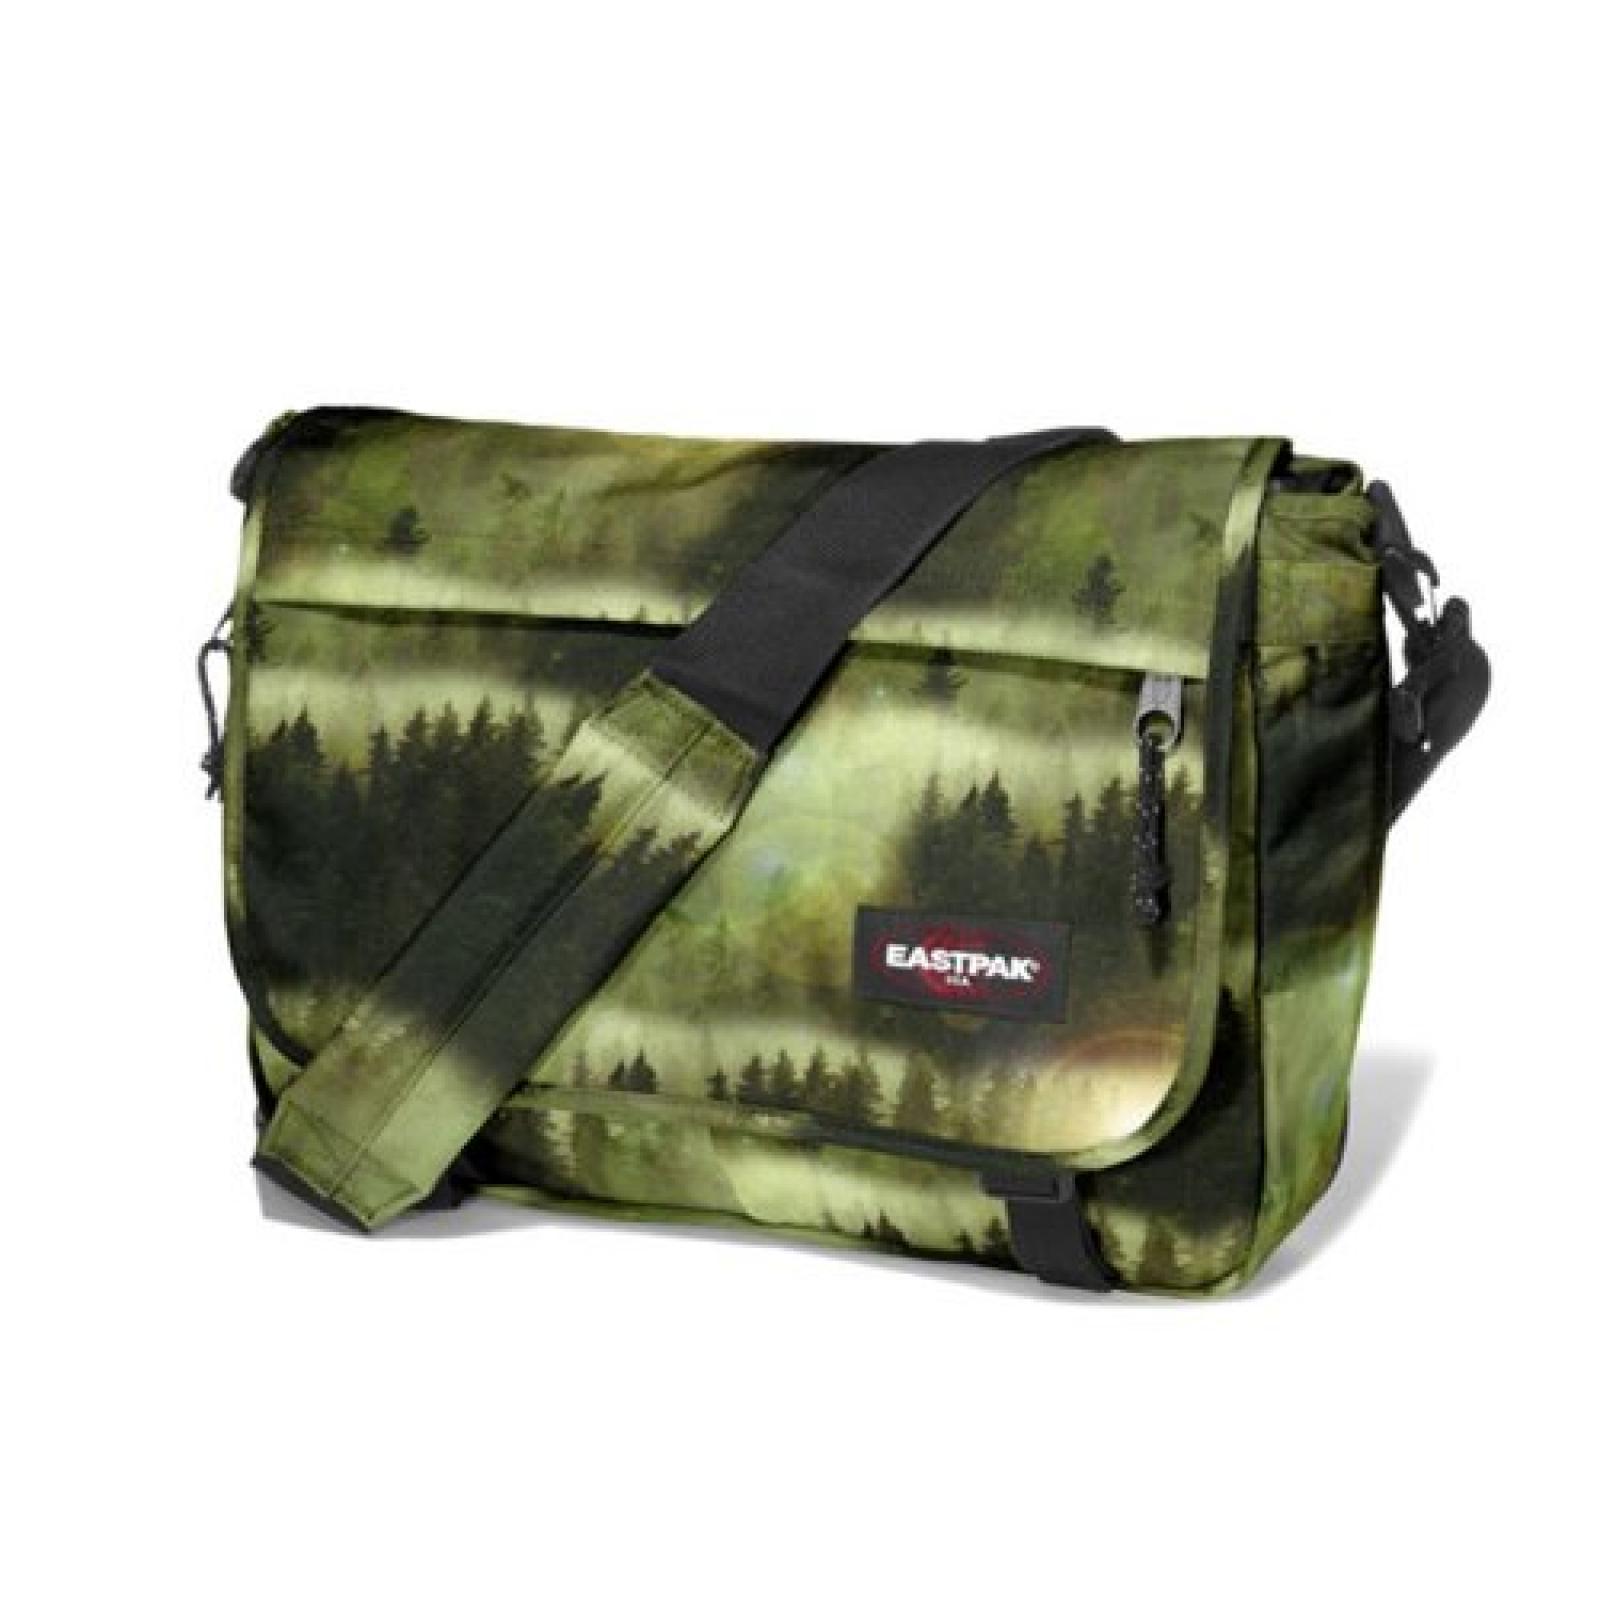 Eastpak Messenger Bag Delegate